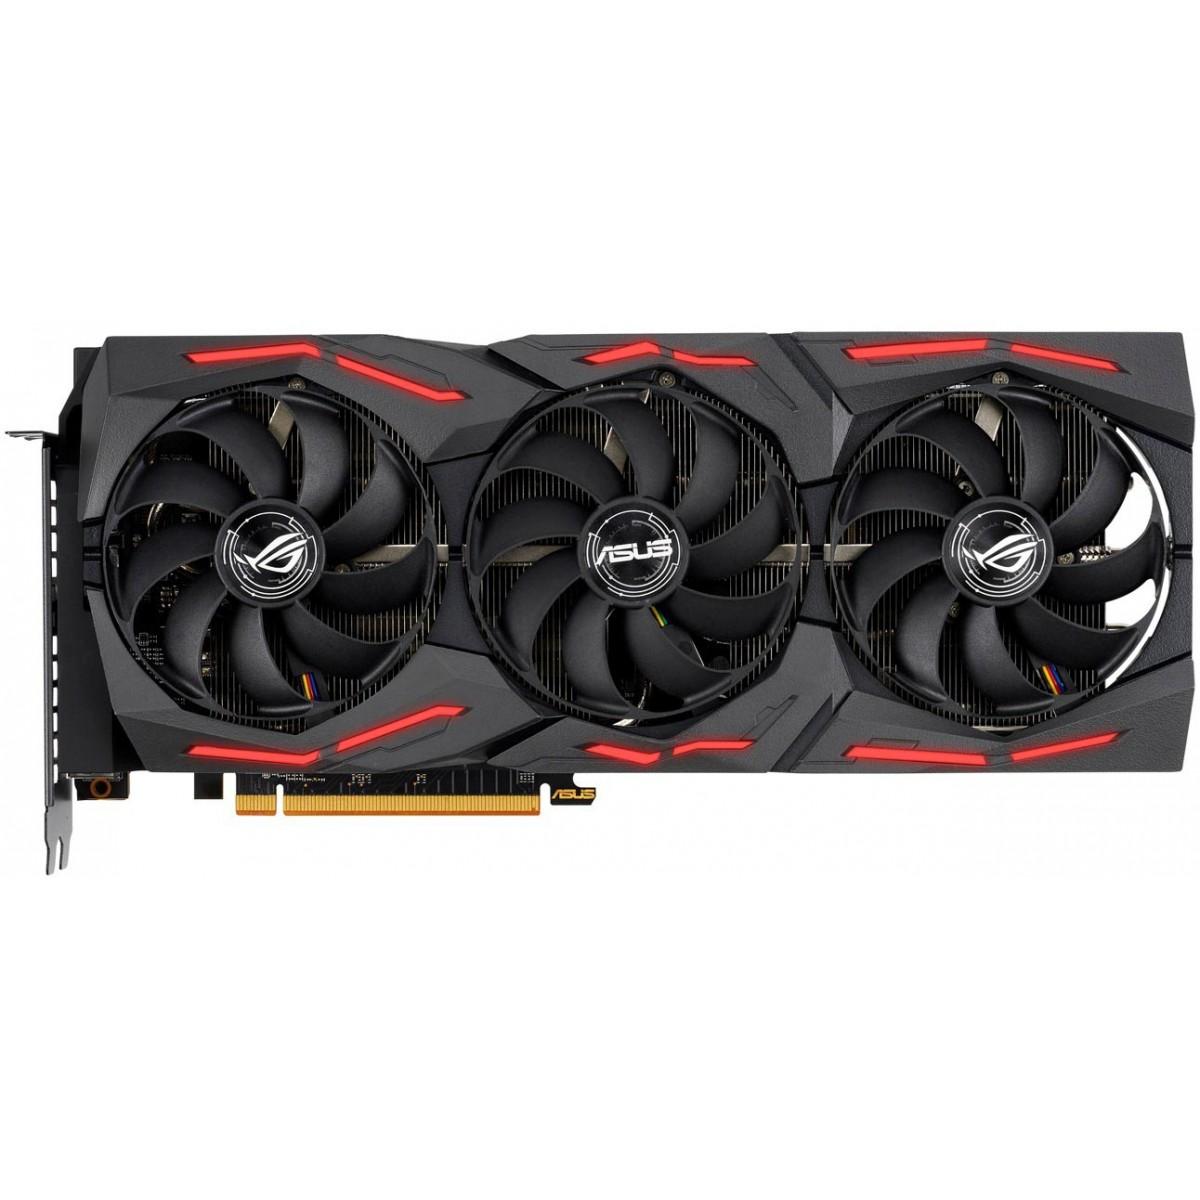 Placa de Vídeo Asus, Rog Strix Radeon, Navi RX 5700XT OC, 8GB, GDDR6, 256Bit, ROG-STRIX-RX5700XT-O8G-GAMING